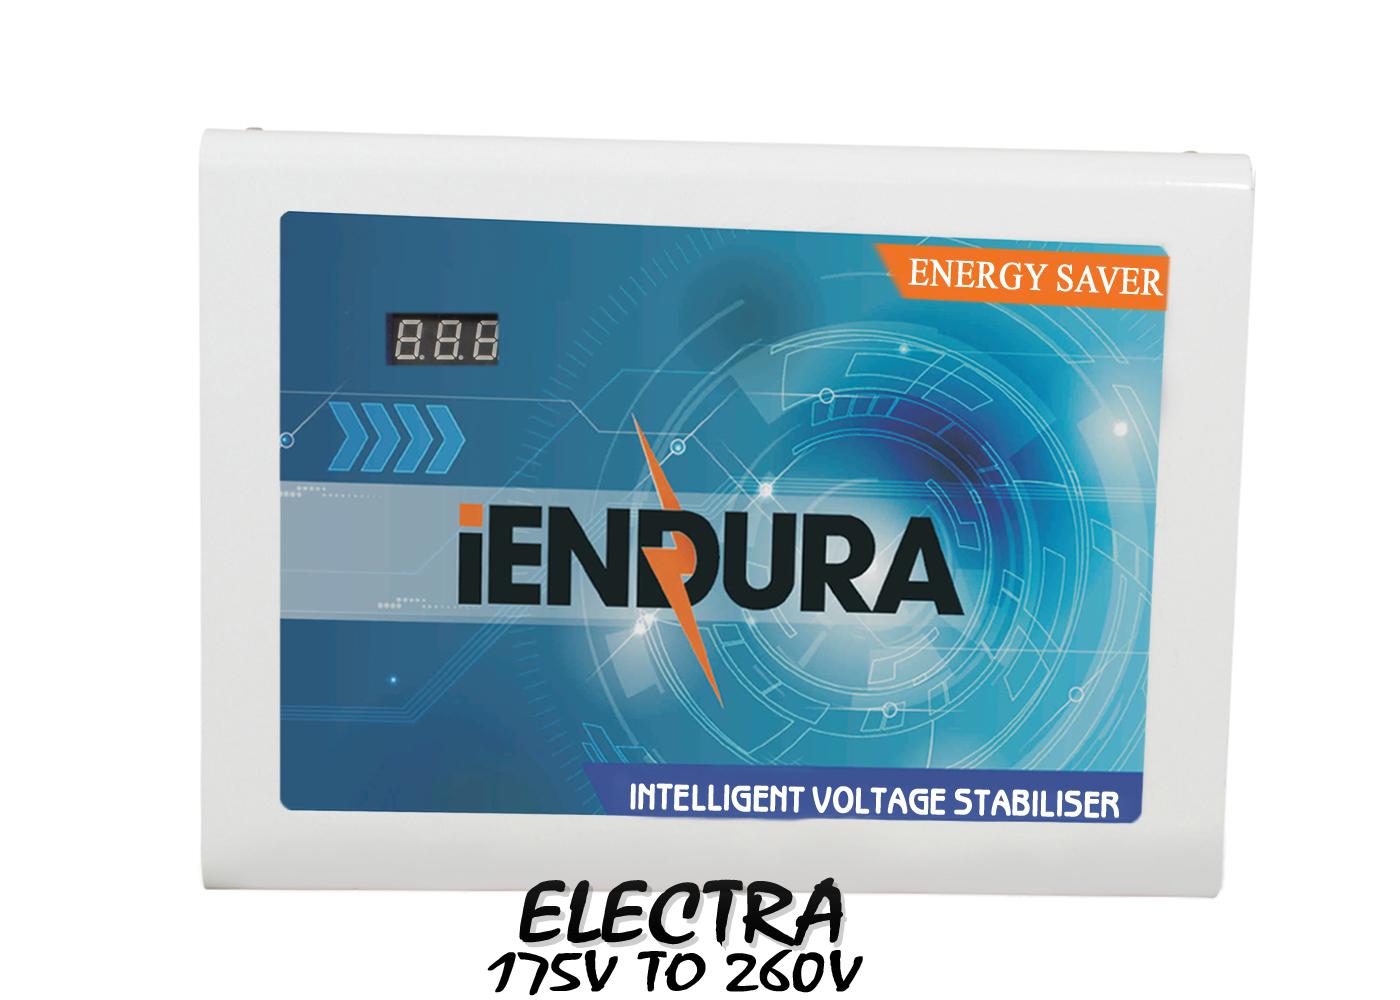 iENDURA ELECTRA VOLTAGE STABILIZER